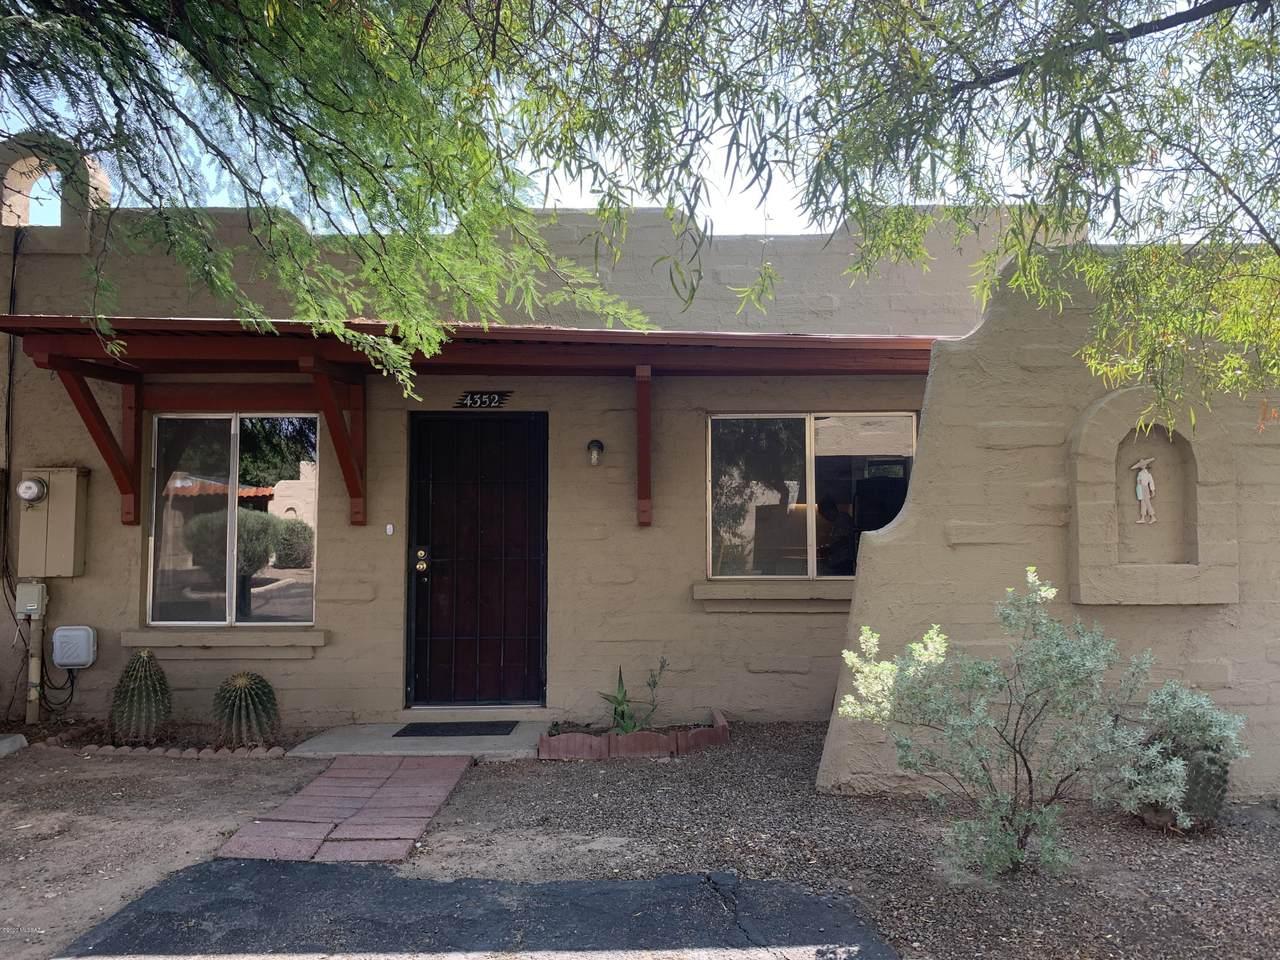 4352 Pocito Drive - Photo 1